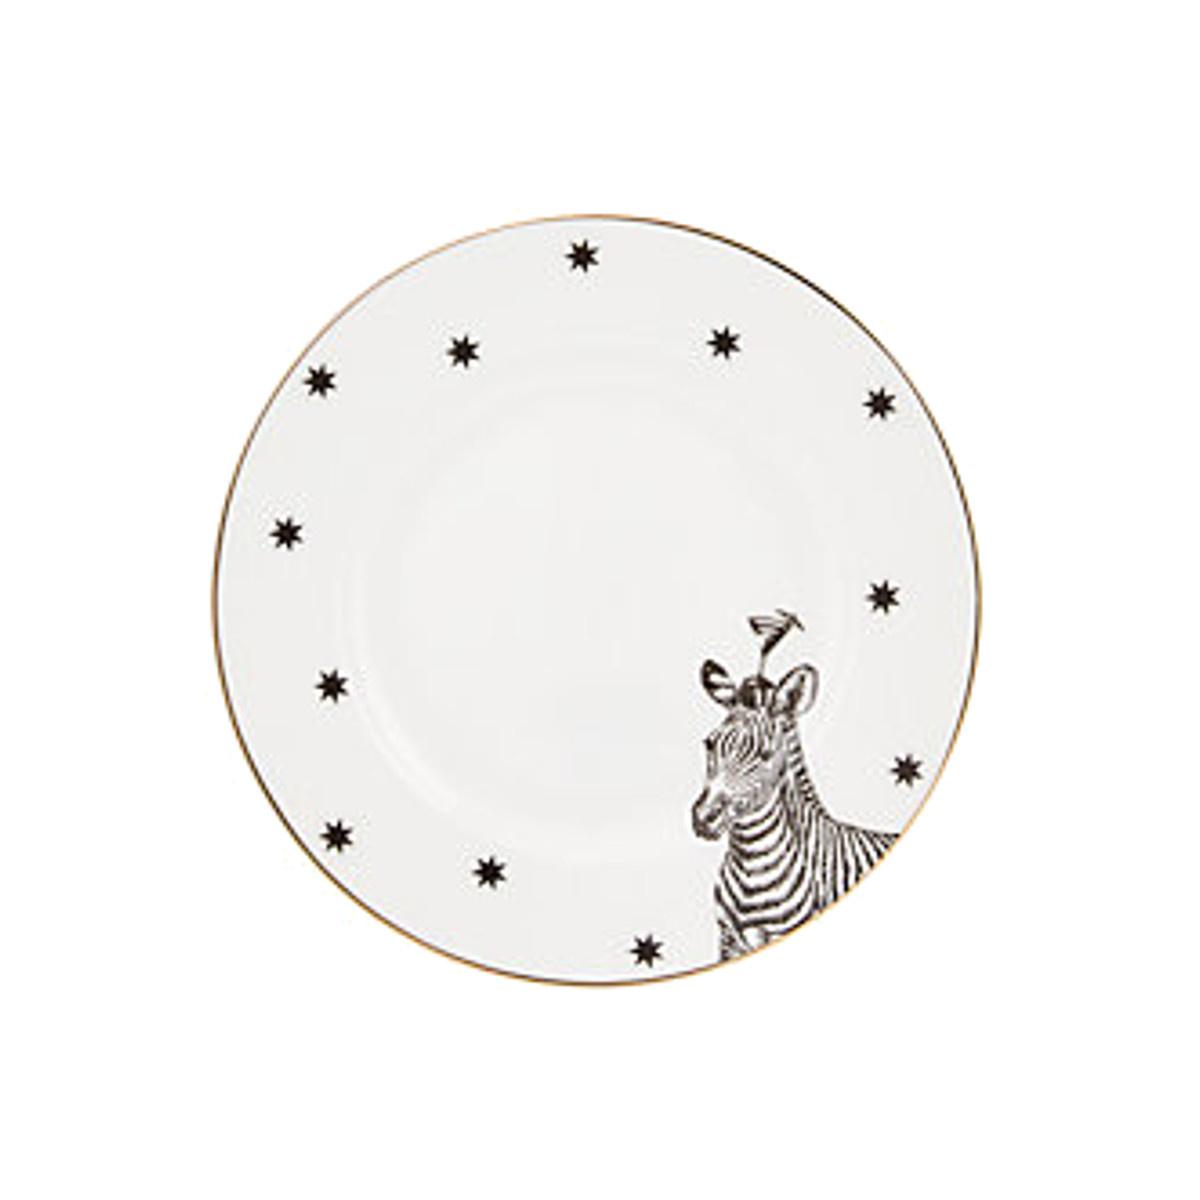 Yvonne Ellen Yvonne Ellen London Monochrome 2-er Set Teller Ø 16 cm - Zebra Motiv - Bone China Porzellan